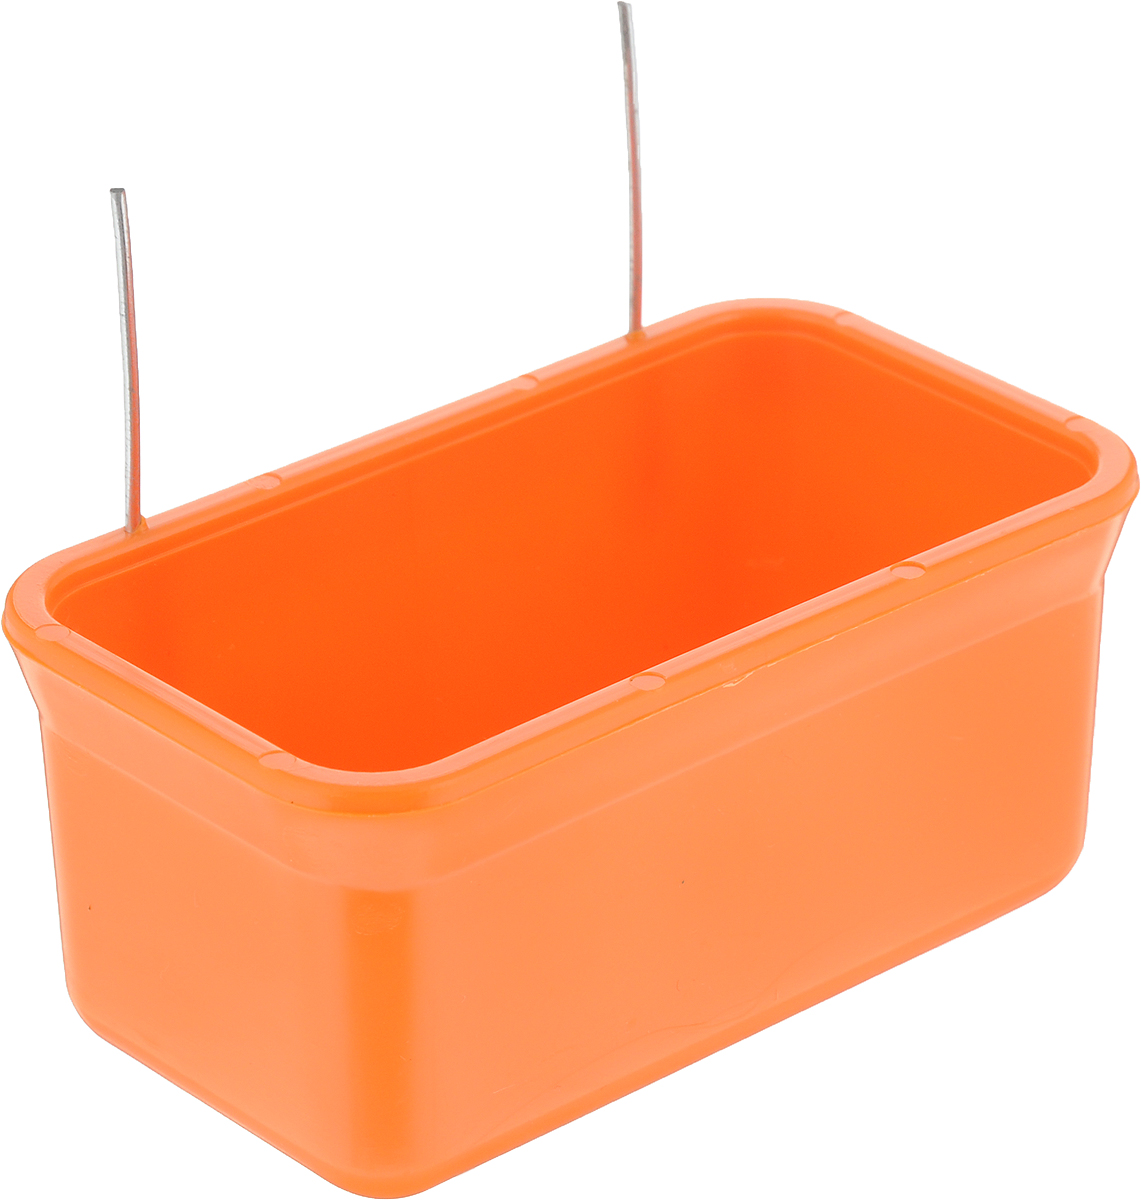 Кормушка для птиц Каскад Бриллиант, цвет: оранжевый, 40 мл. 3330080233300802_оранжевыйКормушка для птиц Каскад Бриллиант выполнена из прочного пластика и имеет прямоугольную форму. Отлично подойдет для кормления вашей птички. Изделие оснащено двумя удобными металлическими крючками.Объем кормушки: 40 мл. Размер кормушки: 9,5 х 5,5 х 4,5 см. Уважаемые клиенты! Обращаем ваше внимание на ассортимент в цвете товара. Поставка возможна в одном из вариантов нижеприведенных цветов, в зависимости от наличия на складе.